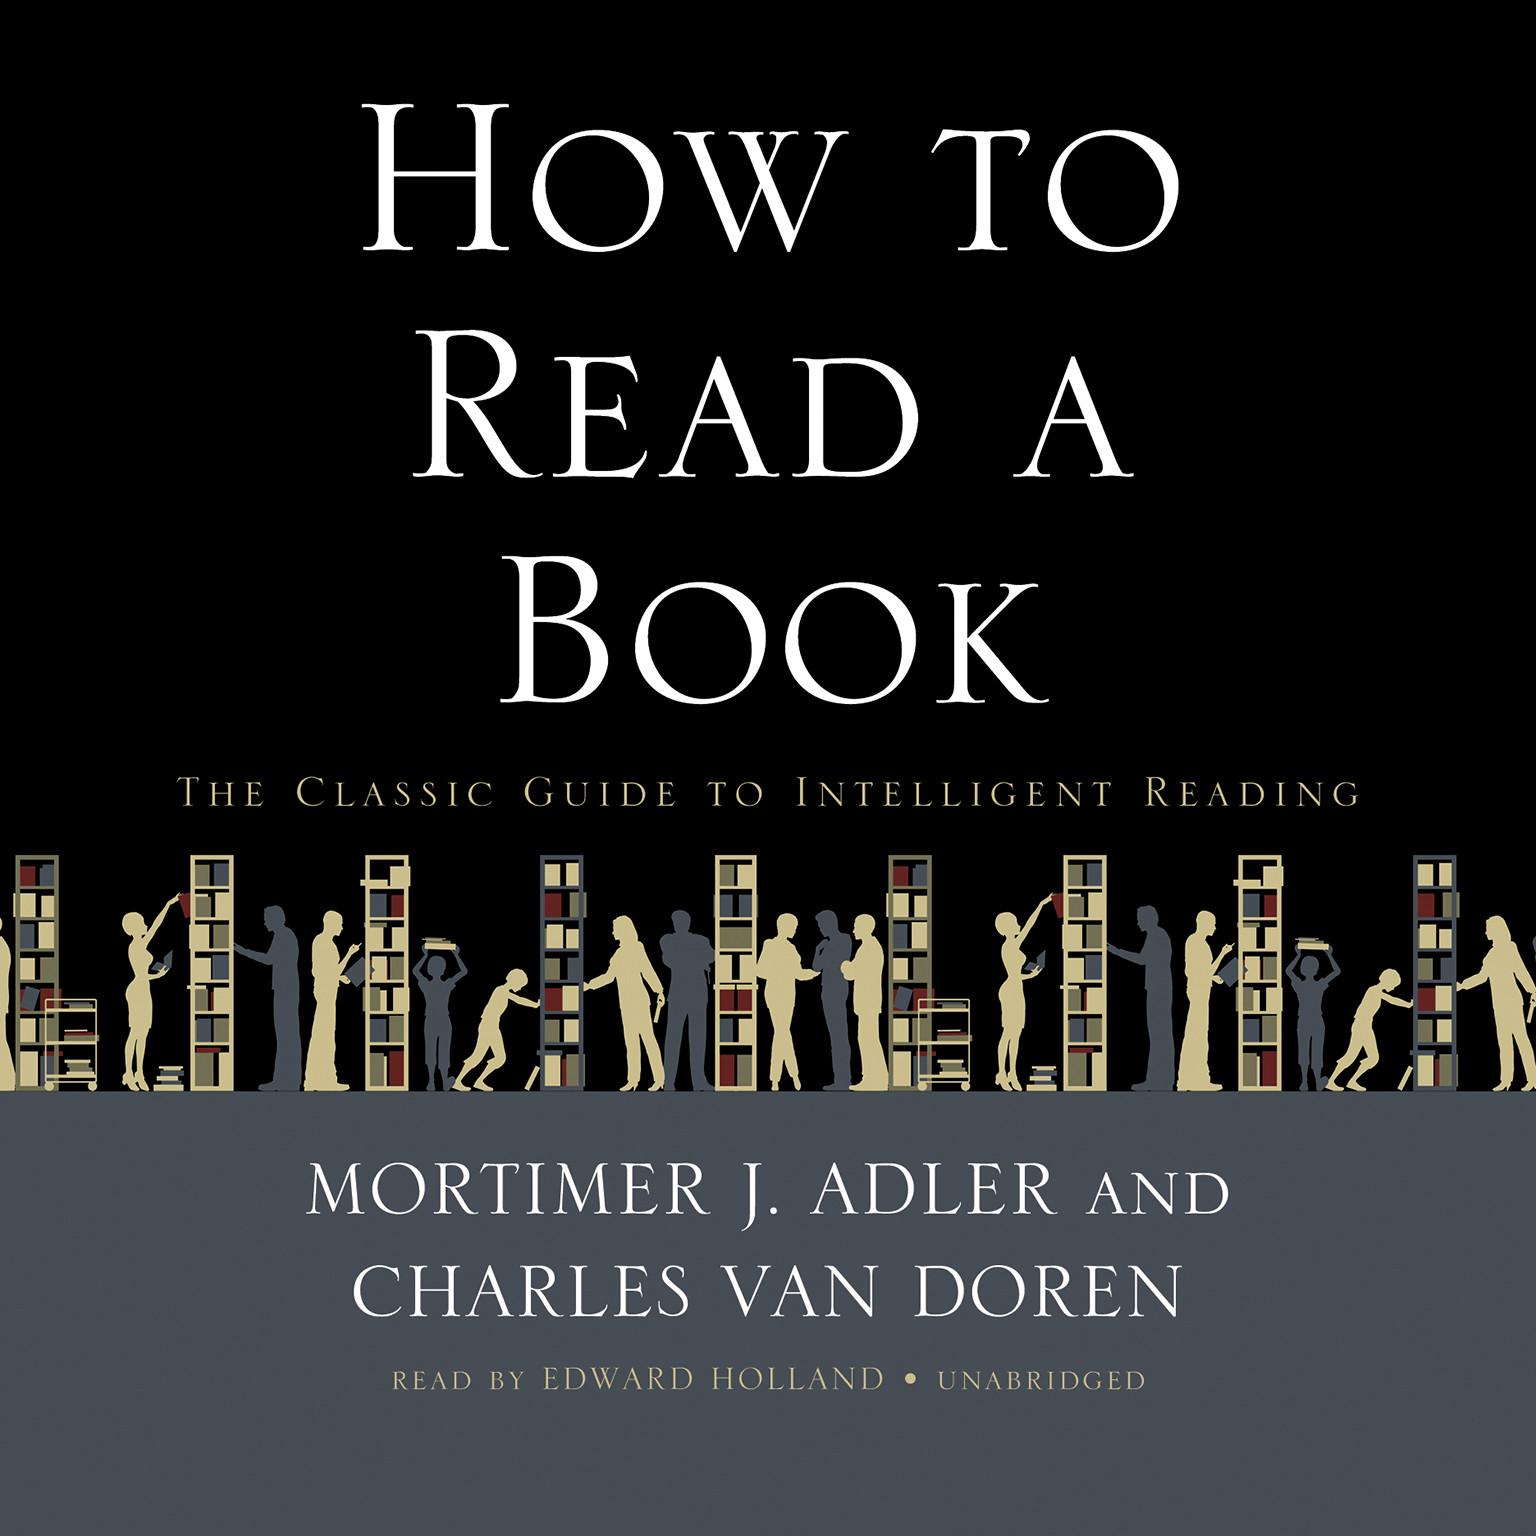 Read a book photo